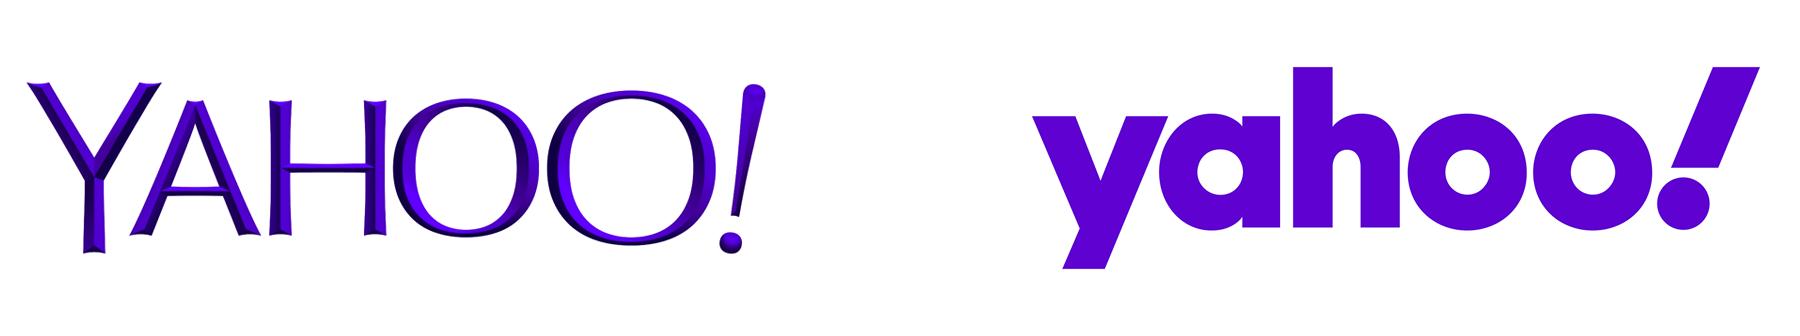 Yahoo Eski Logo İle Yeni Logo Karşılaştırılması